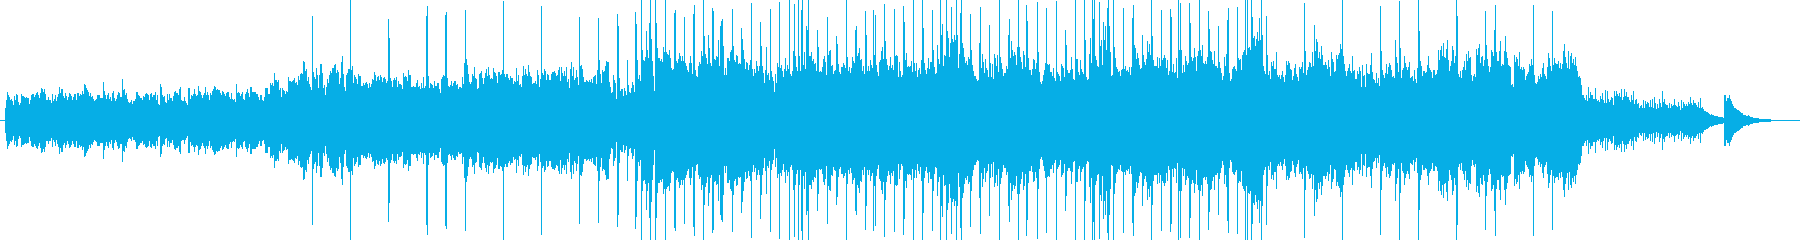 アイリッシュ風BGM(蛍の光)アレンジの再生済みの波形